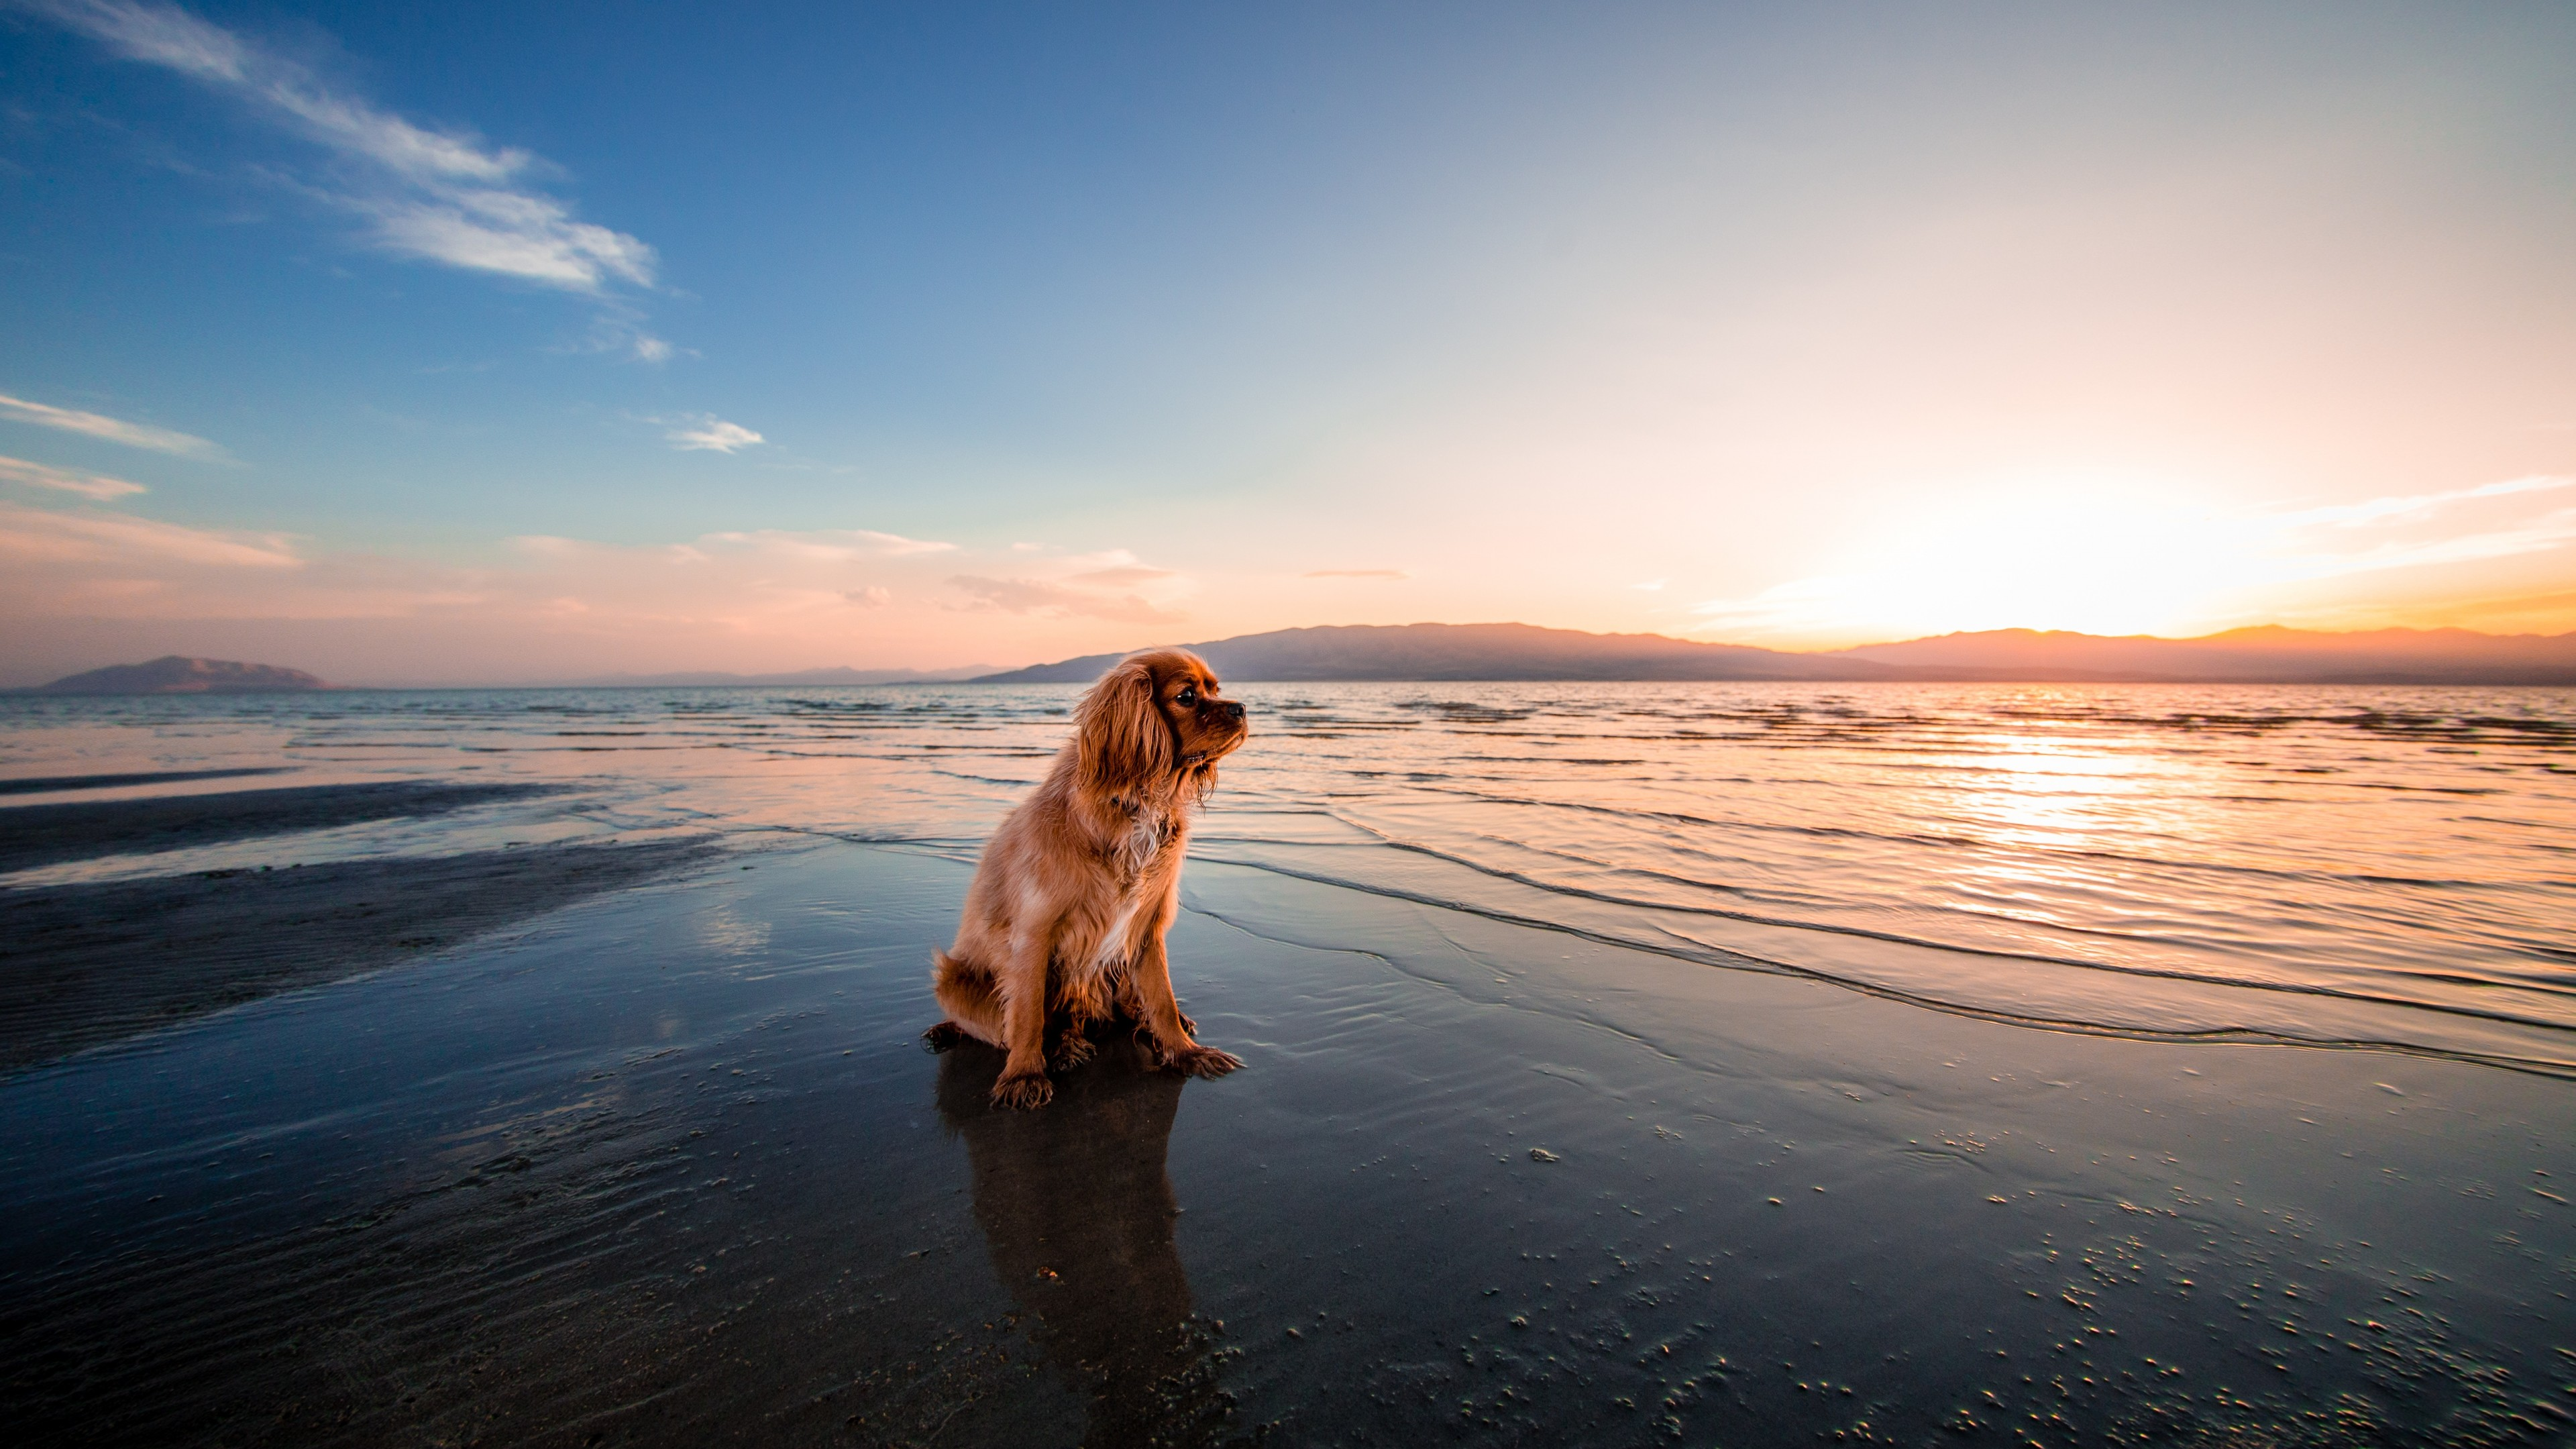 Рыжий пес на морском берегу в лучах рассветного солнечного утра